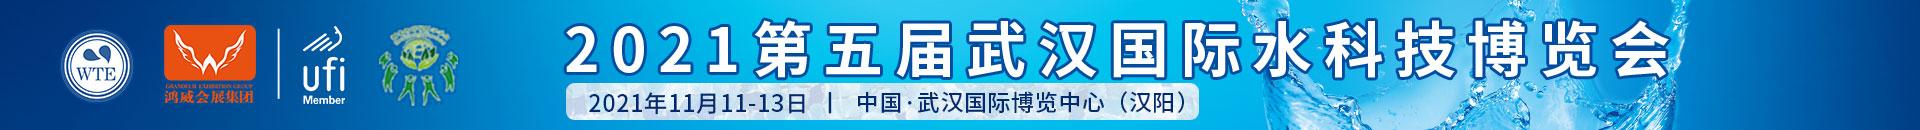 2021第五届武汉国际水科技博览会 暨泵阀、管道及水处理·城镇水务及供水设备展览会